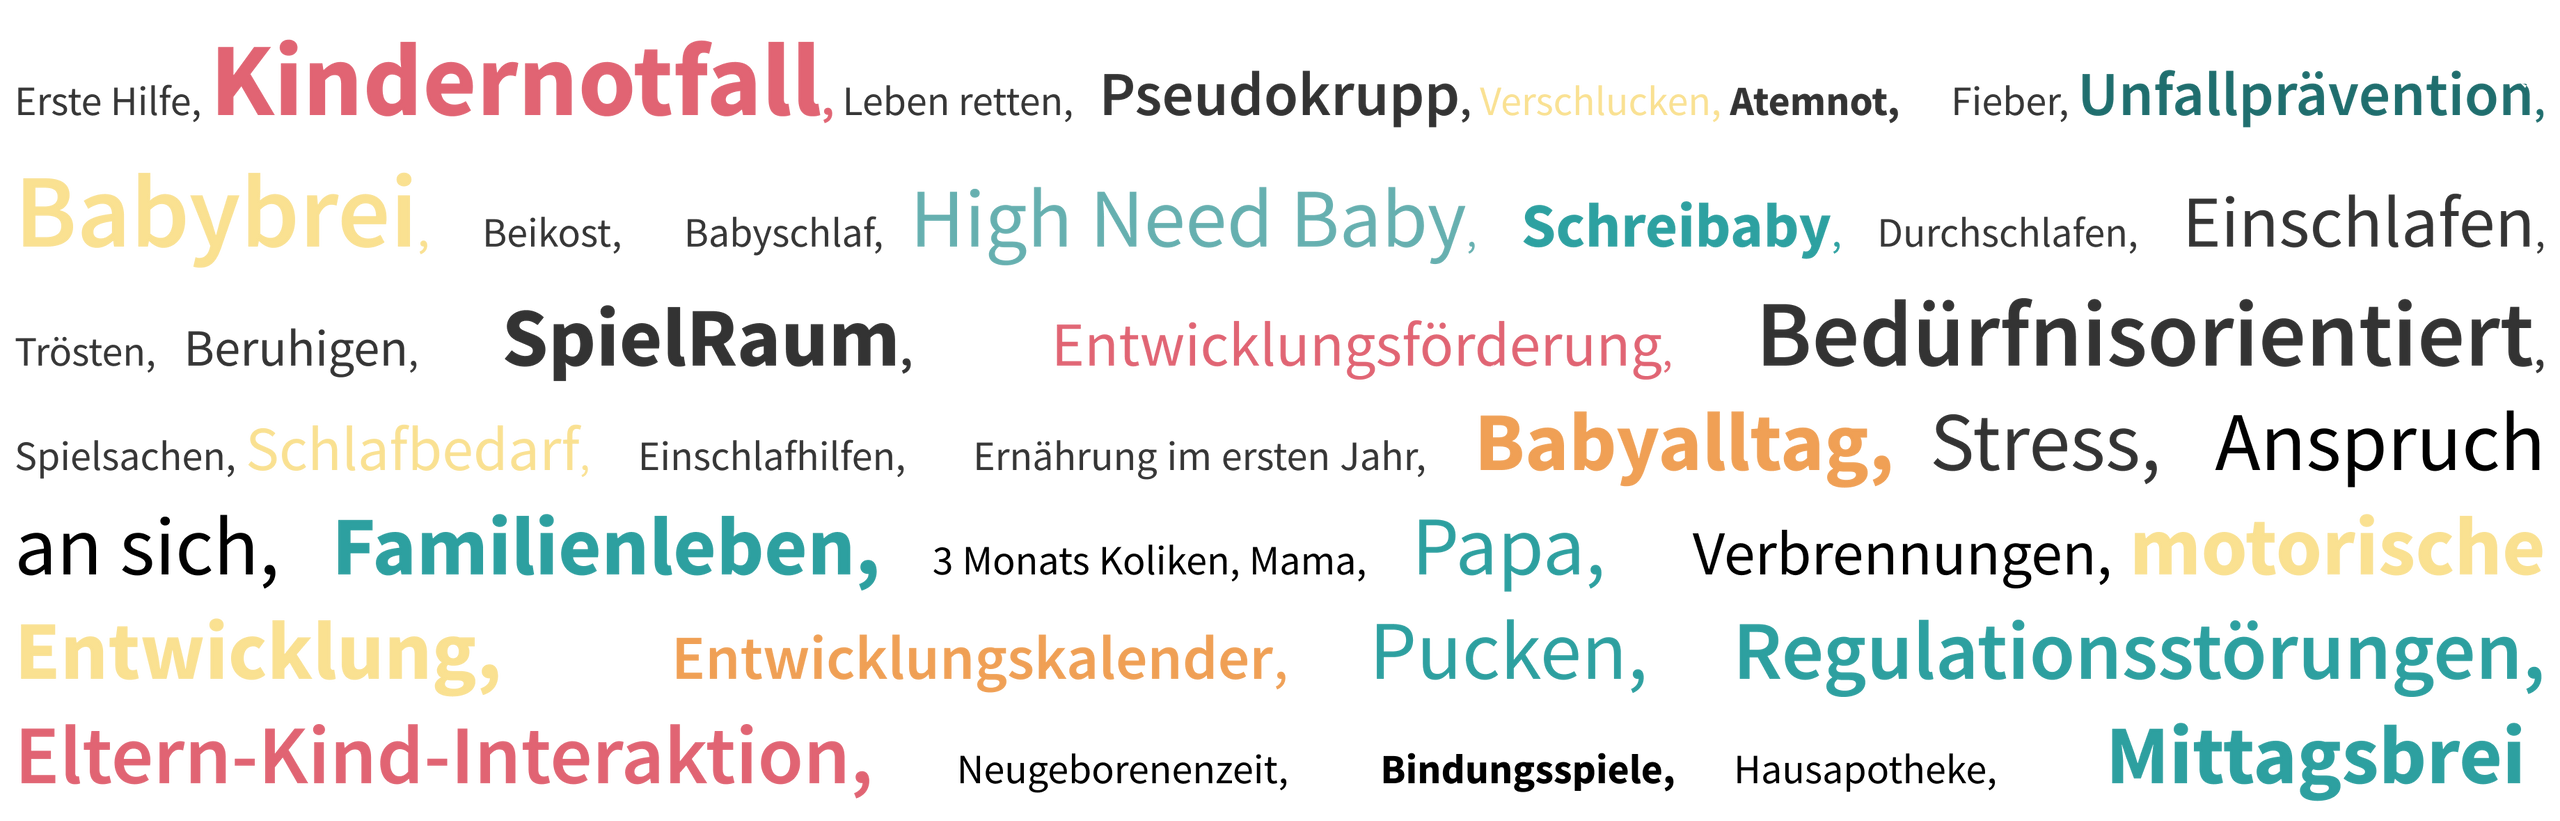 Erste Hilfe, Kindernotfall, Leben retten, Pseudokrupp, Verschlucken, Atemnot, Fieber, Unfallprävention, Babybrei, Beikost, Babyschlaf, High Need Baby, Schreibaby, Durchschlafen, Einschlafen, Trösten, Beruhigen, SpielRaum, Entwicklungsförderung, Bedürfnisorientiert, Spielsachen, Schlafbedarf, Einschlafhilfen, Ernährung im ersten Jahr, Babyalltag, Stress, Anspruch an sich, Familienleben, 3 Monats Koliken, Mama, Papa, Verbrennungen, motorische Entwicklung, Entwicklungskalender, Pucken, Regulationsstörungen, Eltern-Kind-Interaktion, Neugeborenenzeit, Bindungsspiele, Hausapotheke, Mittagsbrei